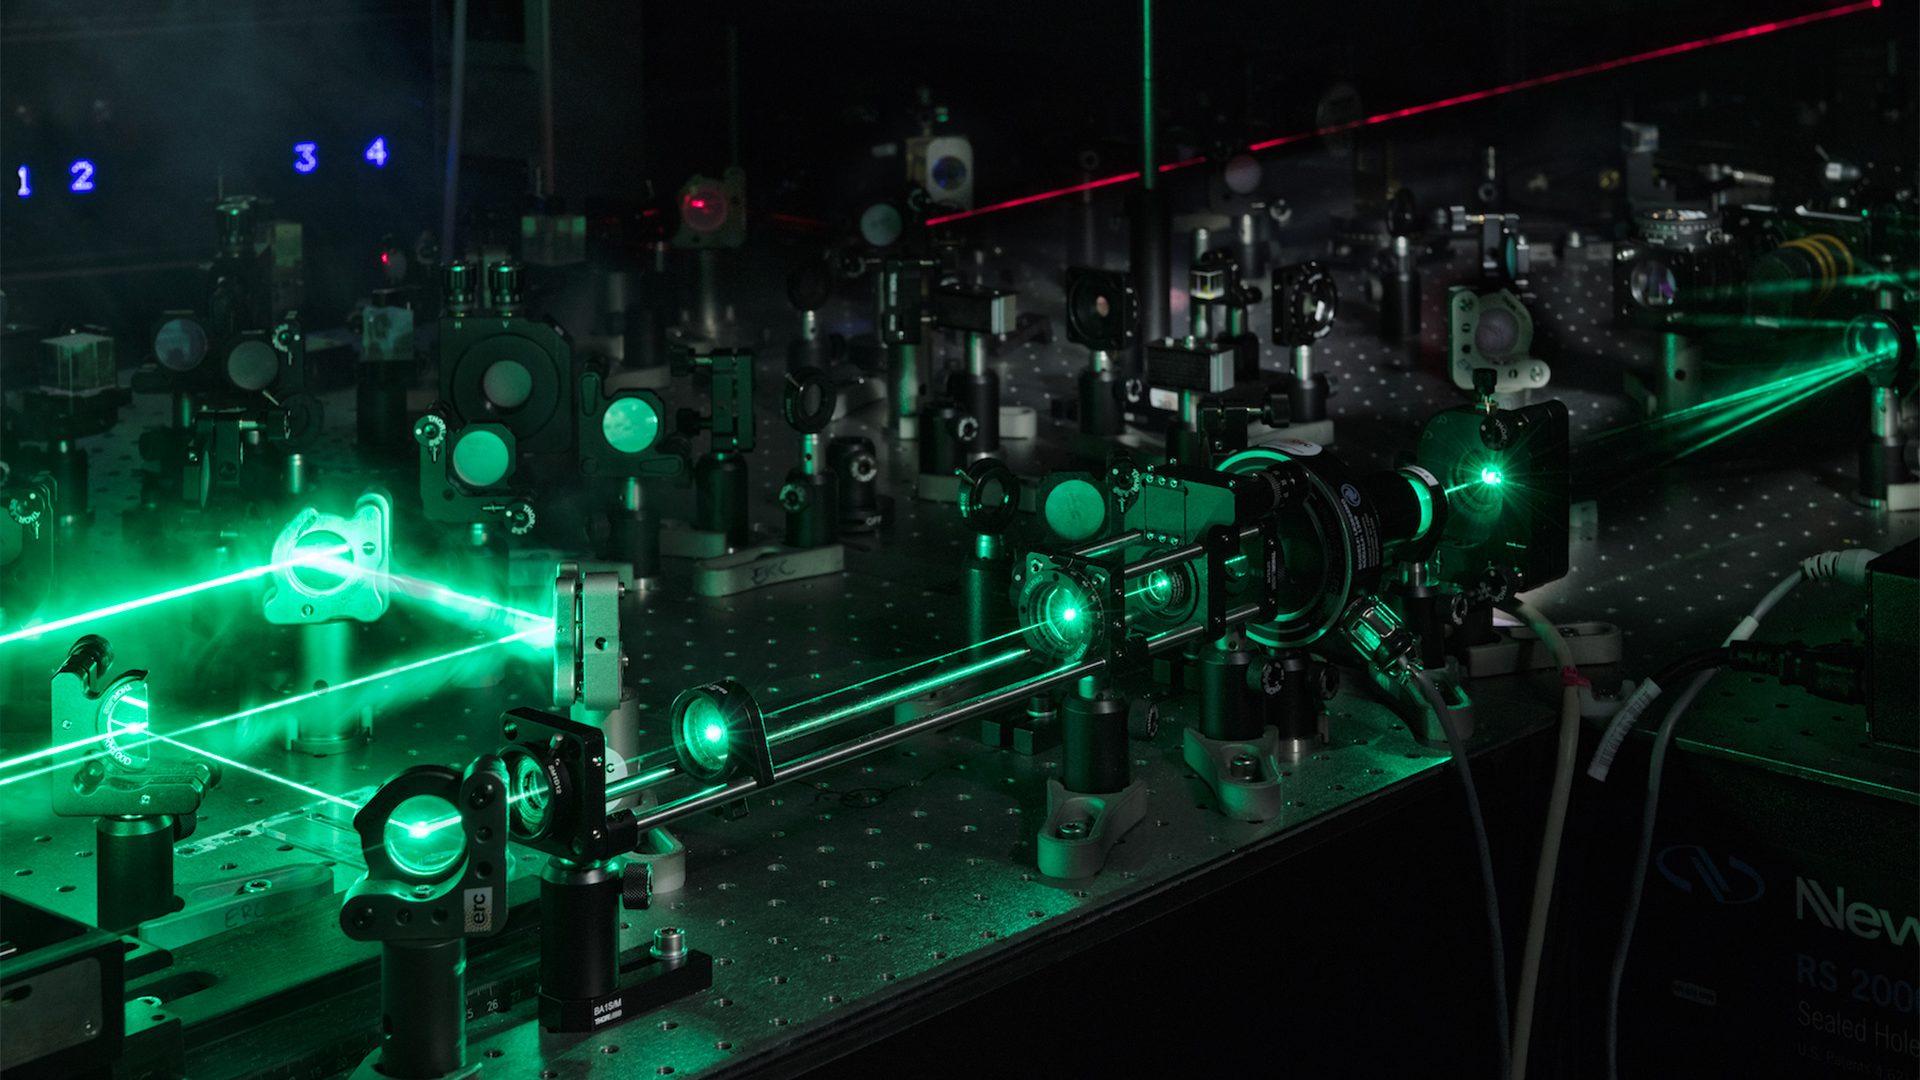 Impulsions de lumière laser verte générées pour sonder les modifications - à l'échelle de la picoseconde - survenant dans les matériaux transparents lors de l'exposition à des impulsions laser ultra-courtes et intenses